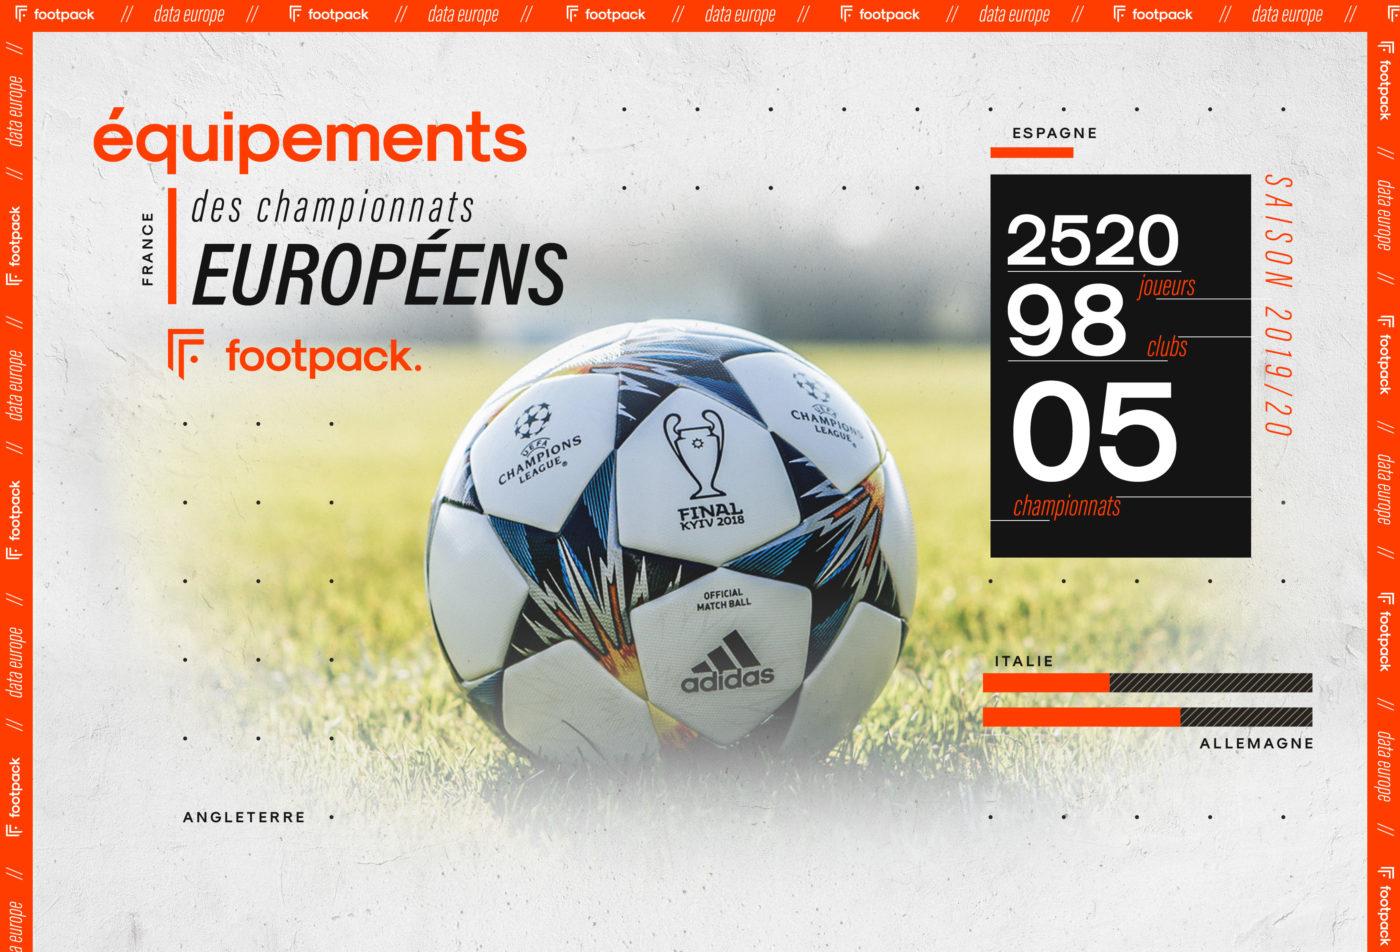 Foot - La bataille des équipementiers dans les 5 grands championnats européens (2520 joueurs - 98 clubs) saison 2019-2020 - Euro 2020